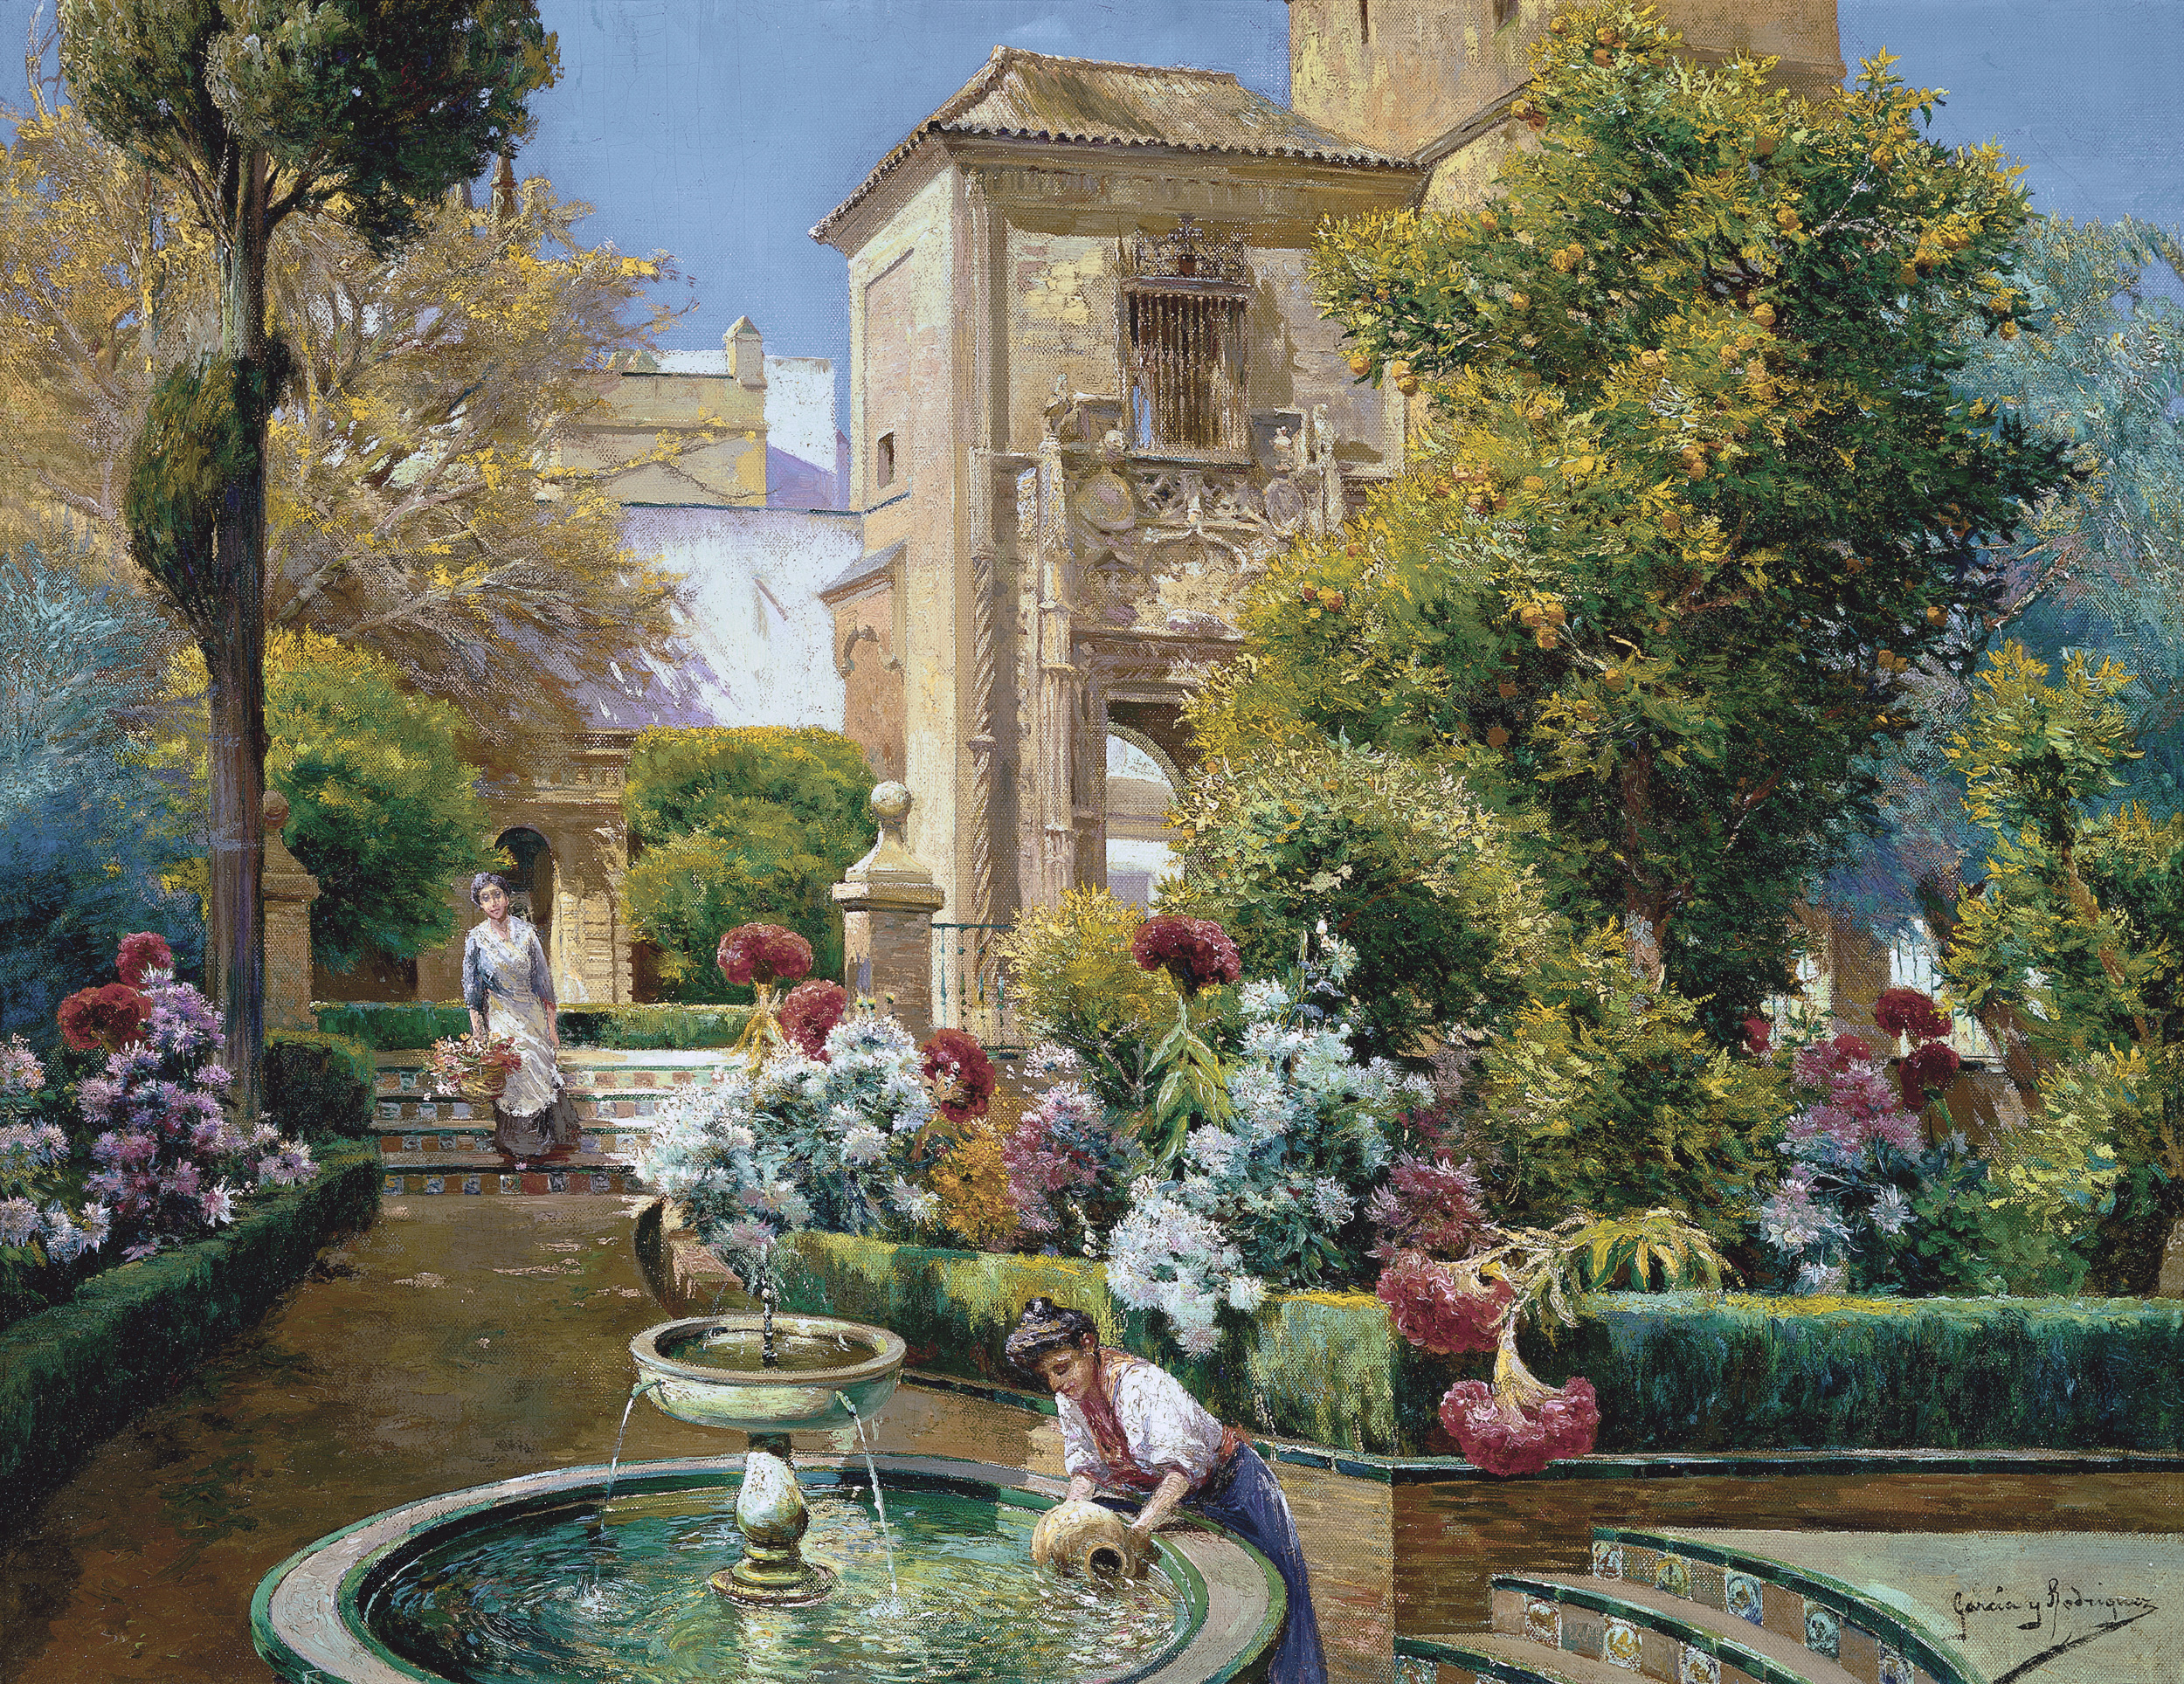 Jardines del alc zar sevilla museo carmen thyssen m laga for Jardines del eden sevilla